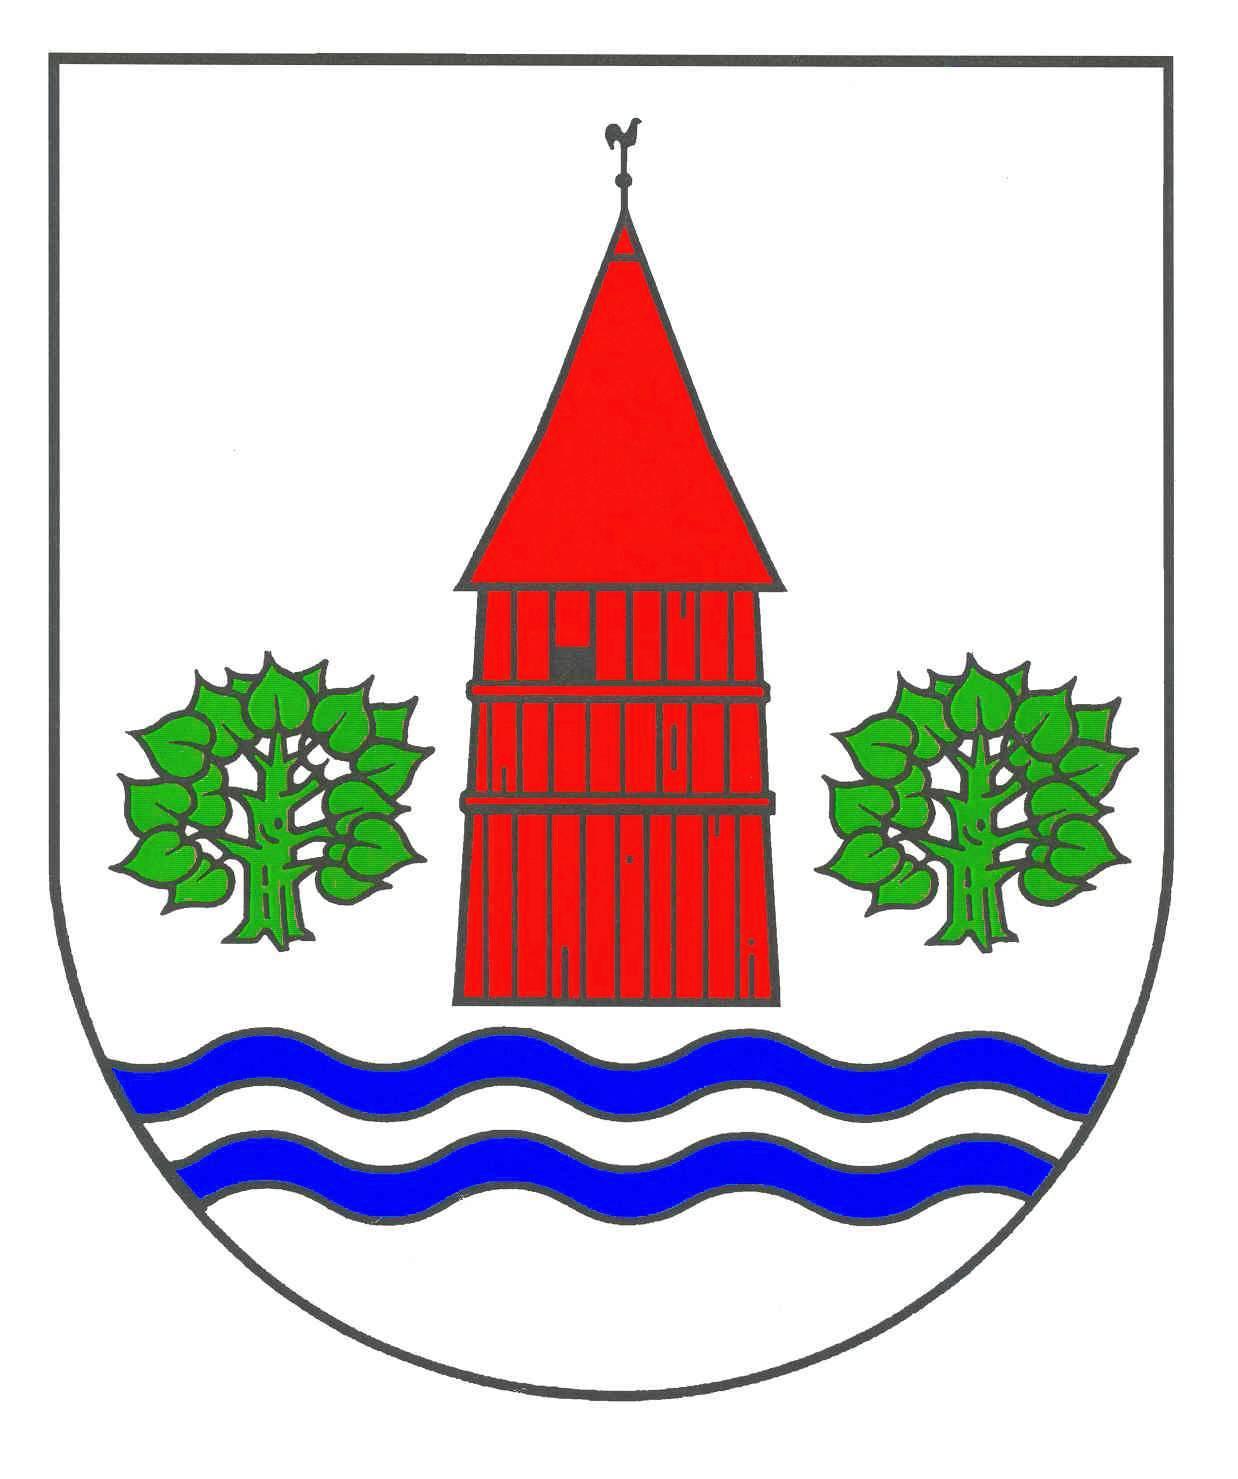 Wappen GemeindeLeezen, Kreis Segeberg